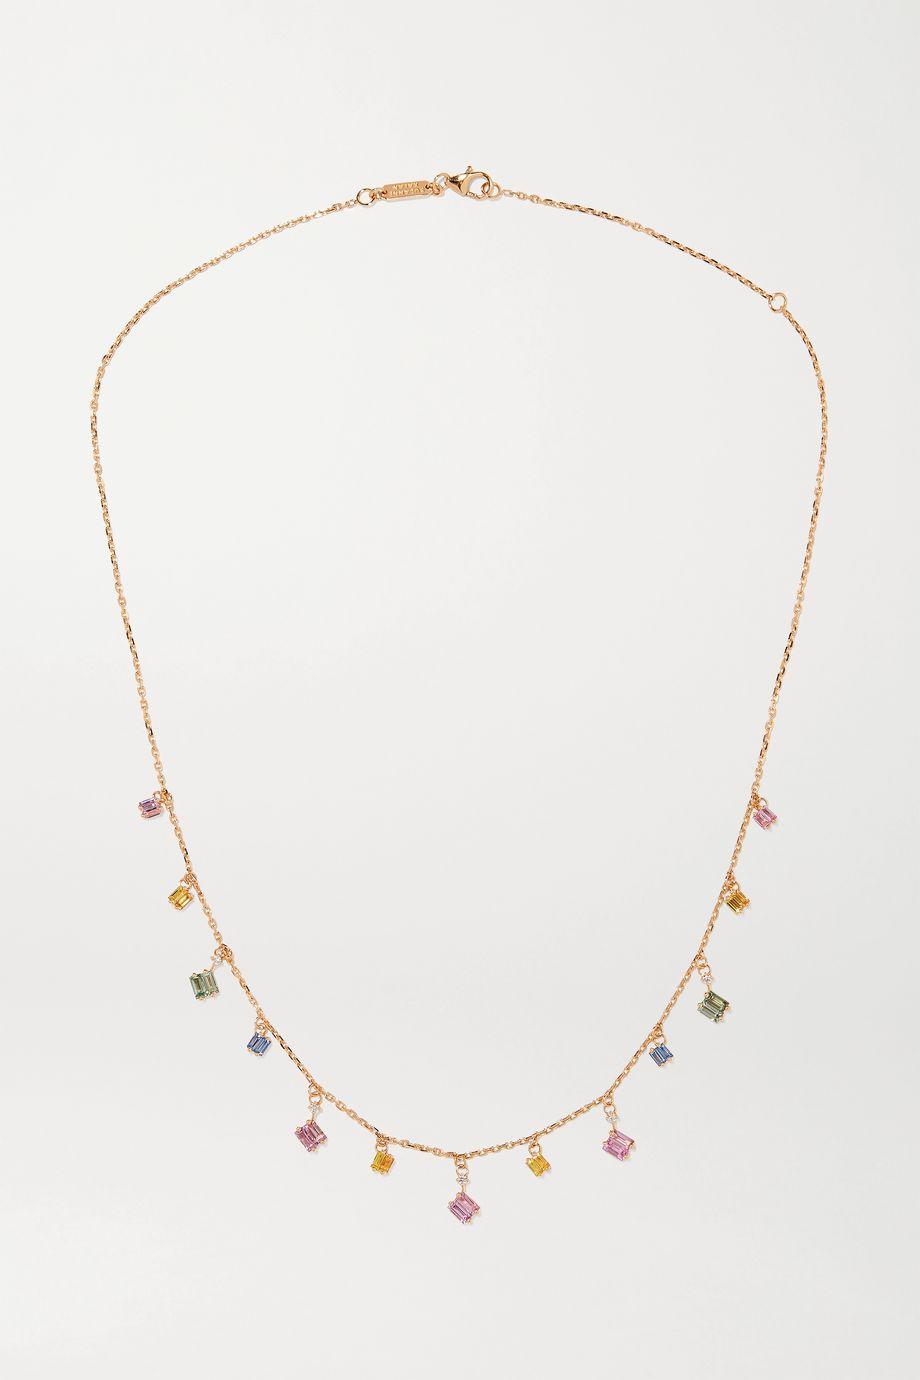 Suzanne Kalan Kette aus 18 Karat Gold mit Saphiren und Diamanten